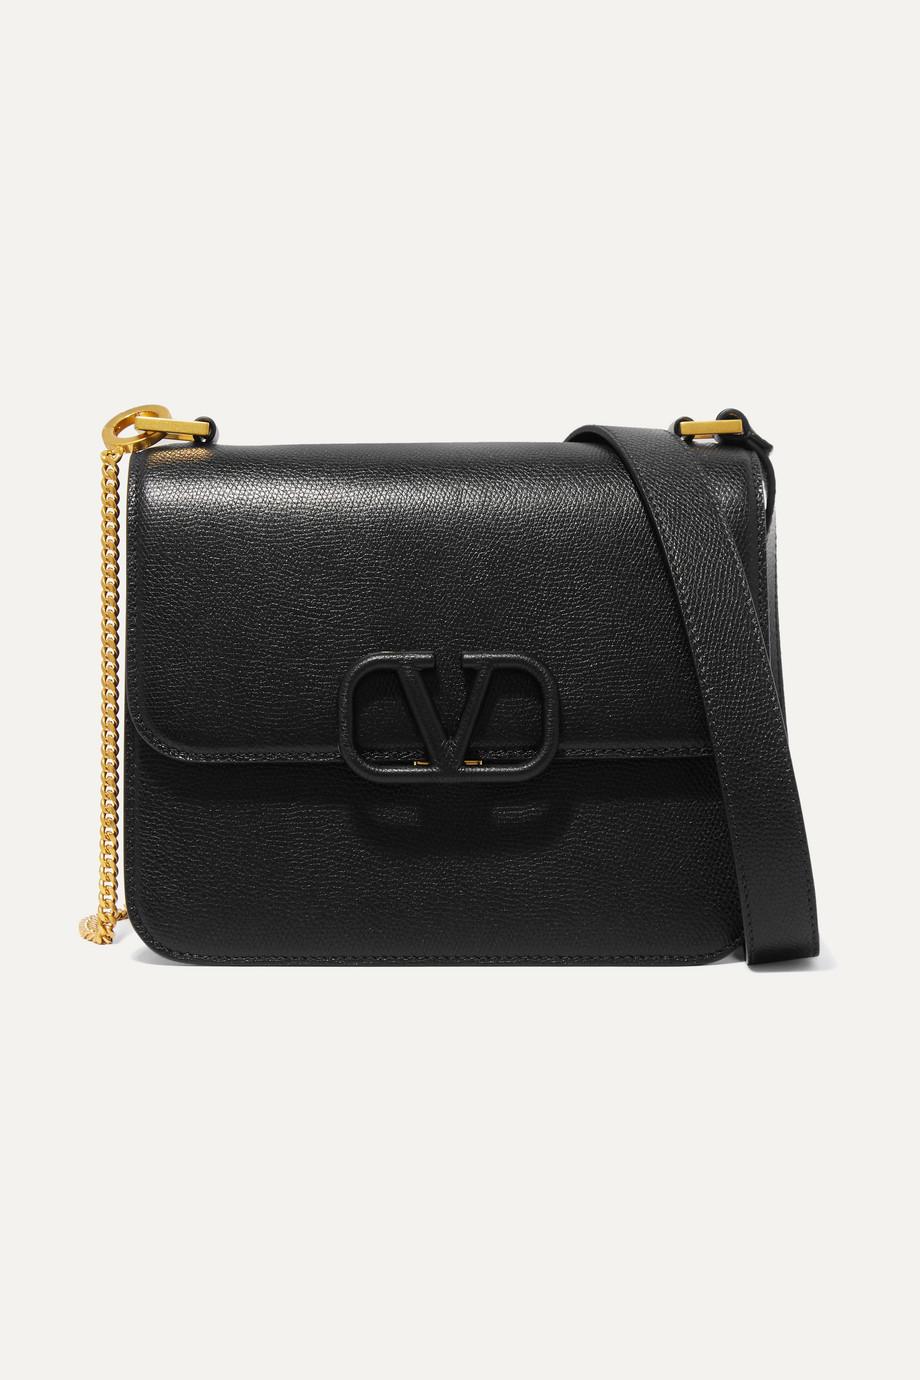 Valentino Valentino Garavani VSLING large textured-leather shoulder bag